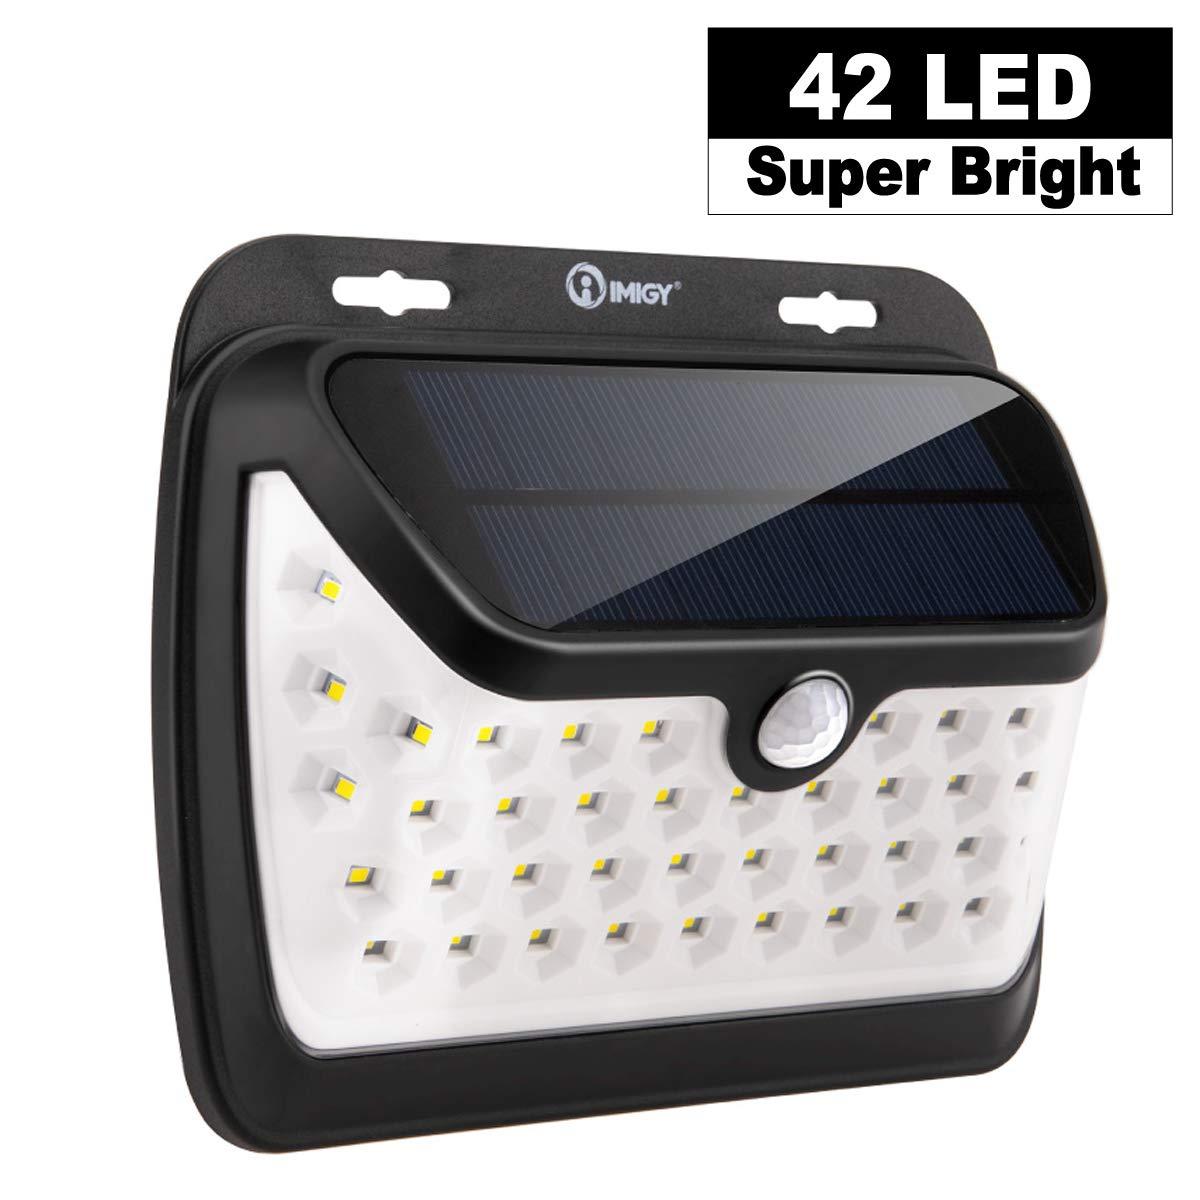 imiGY Solarlichter Bewegungsmelder Sicherheitslichter, 42 LED Solarlicht, Gehwegbeleuchtung Kabelloses, wasserdichtes Sicherheitslicht